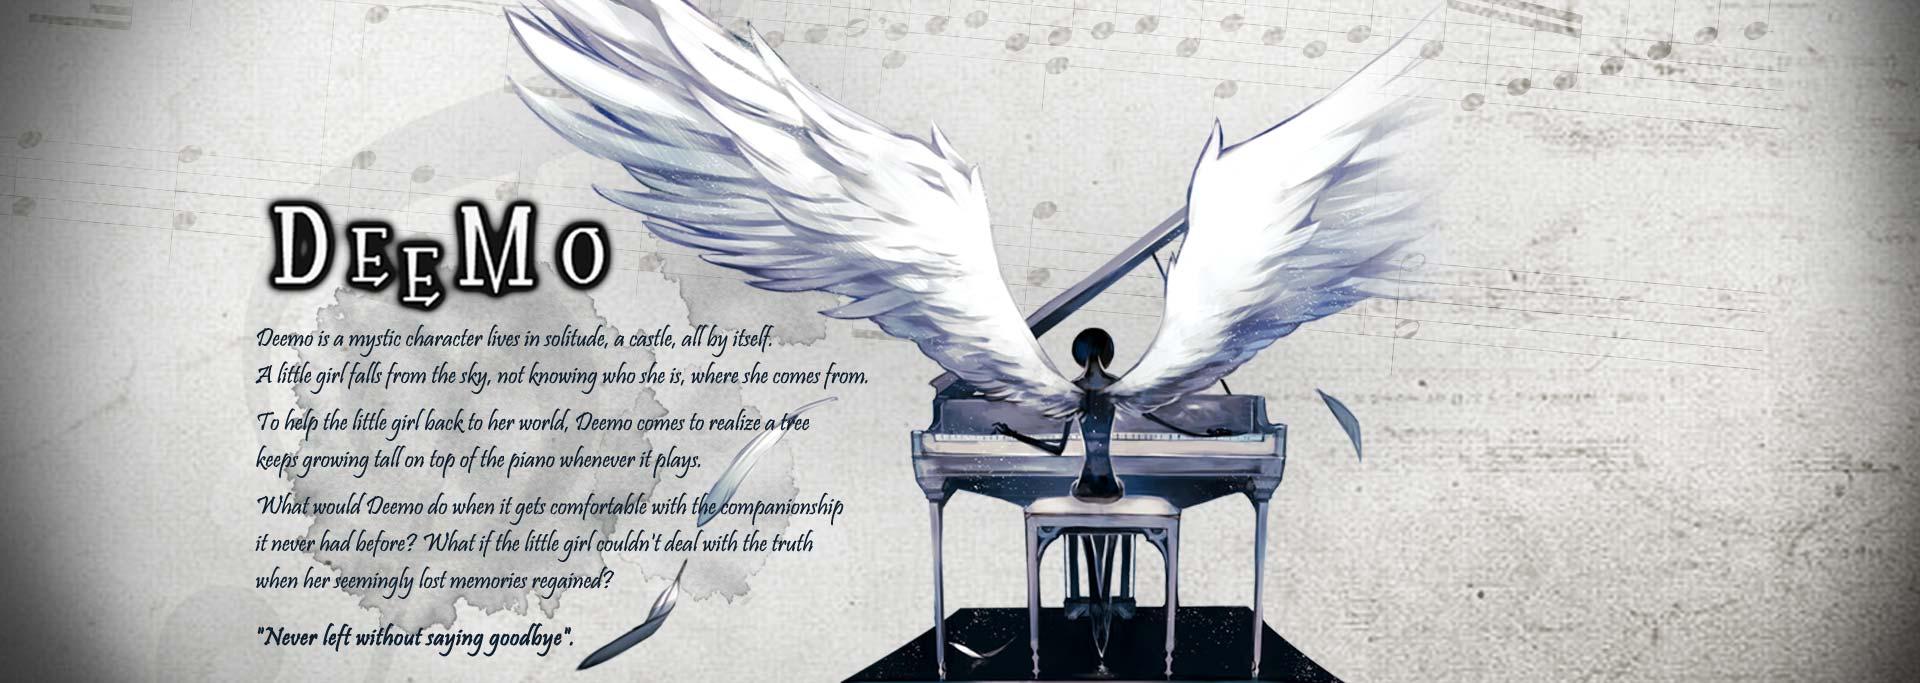 아이폰, 아이패드 리듬게임 Deemo 배너이미지: 피아노 치는 디모의 뒷모습